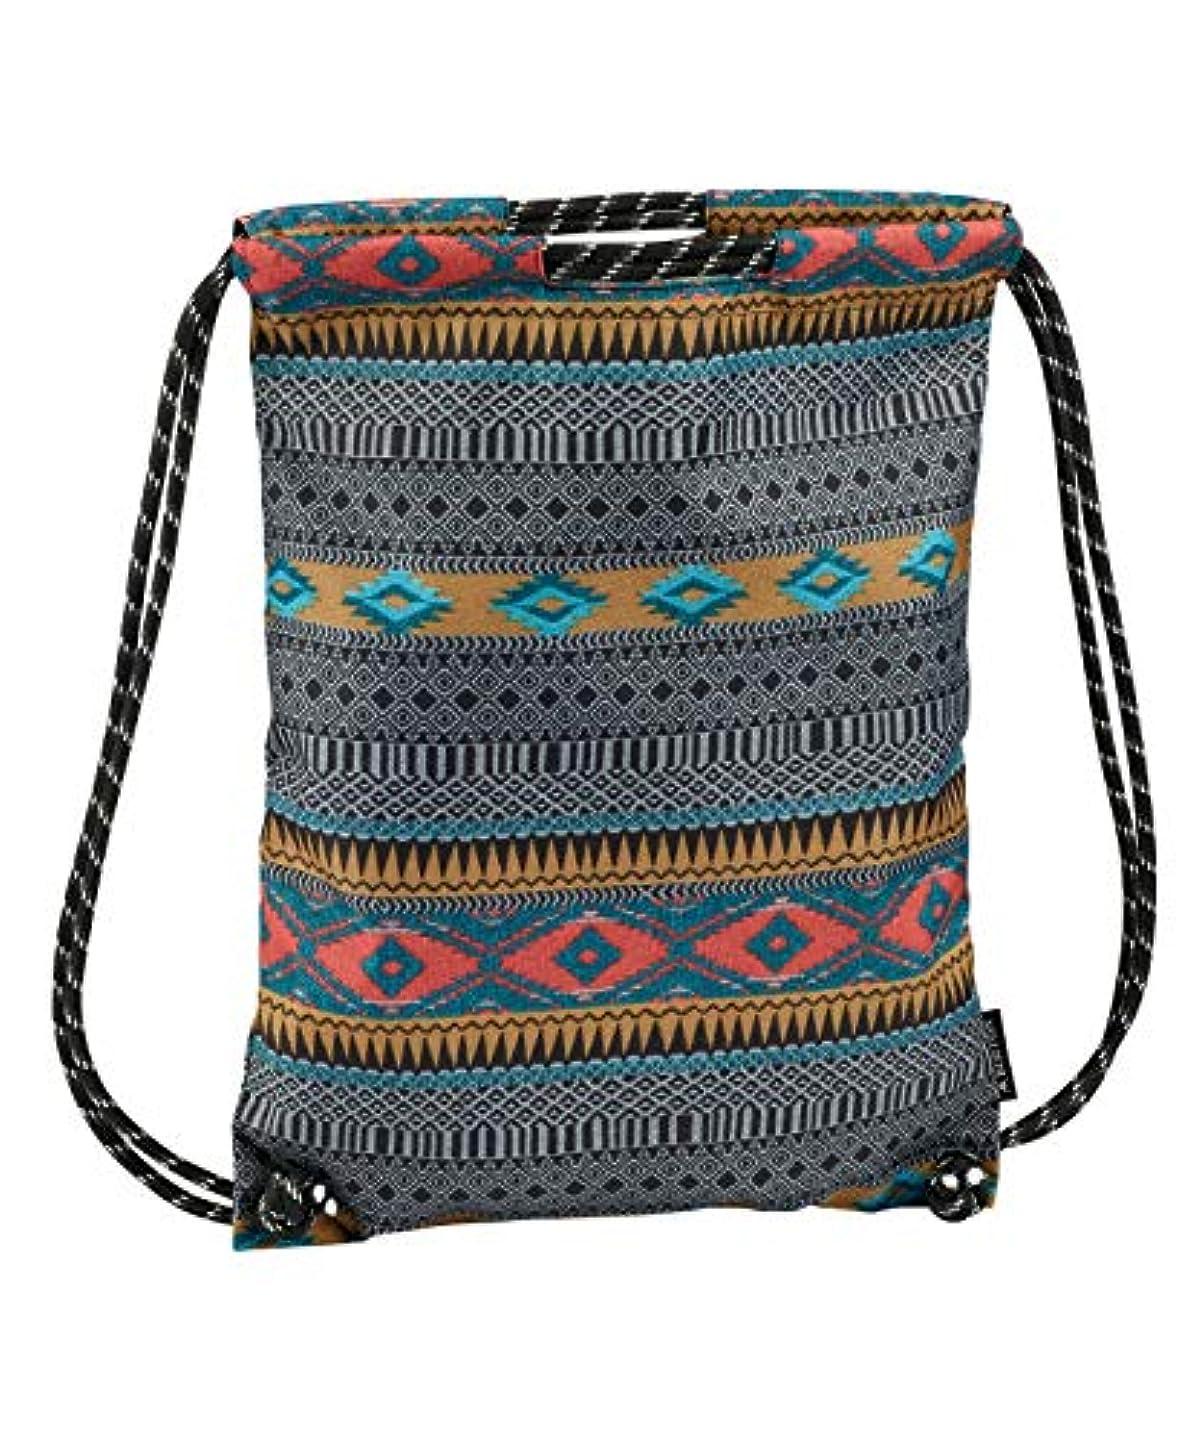 ミルクベット二週間バートン ナップサック Cinch Backpack 166971 TFW TFW/968 13L